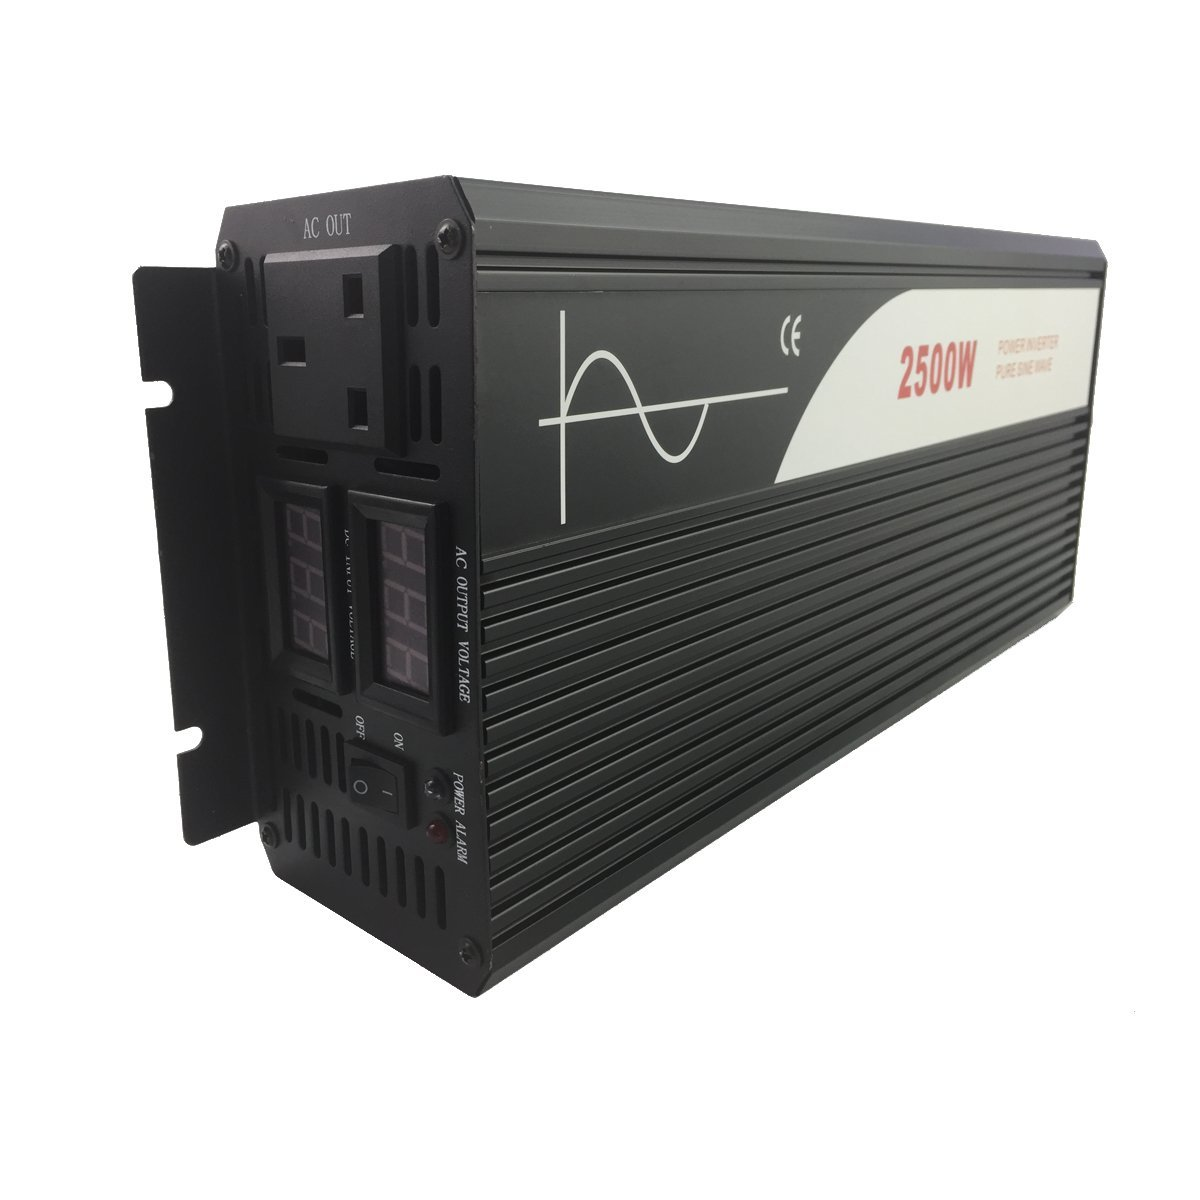 picco 5000/W Pure Sine Wave Inverter DC 12/V 24/V 48/V a AC 220/~ 230/V 50/Hz Solar convertitore per uso domestico auto Xijia 2500/W